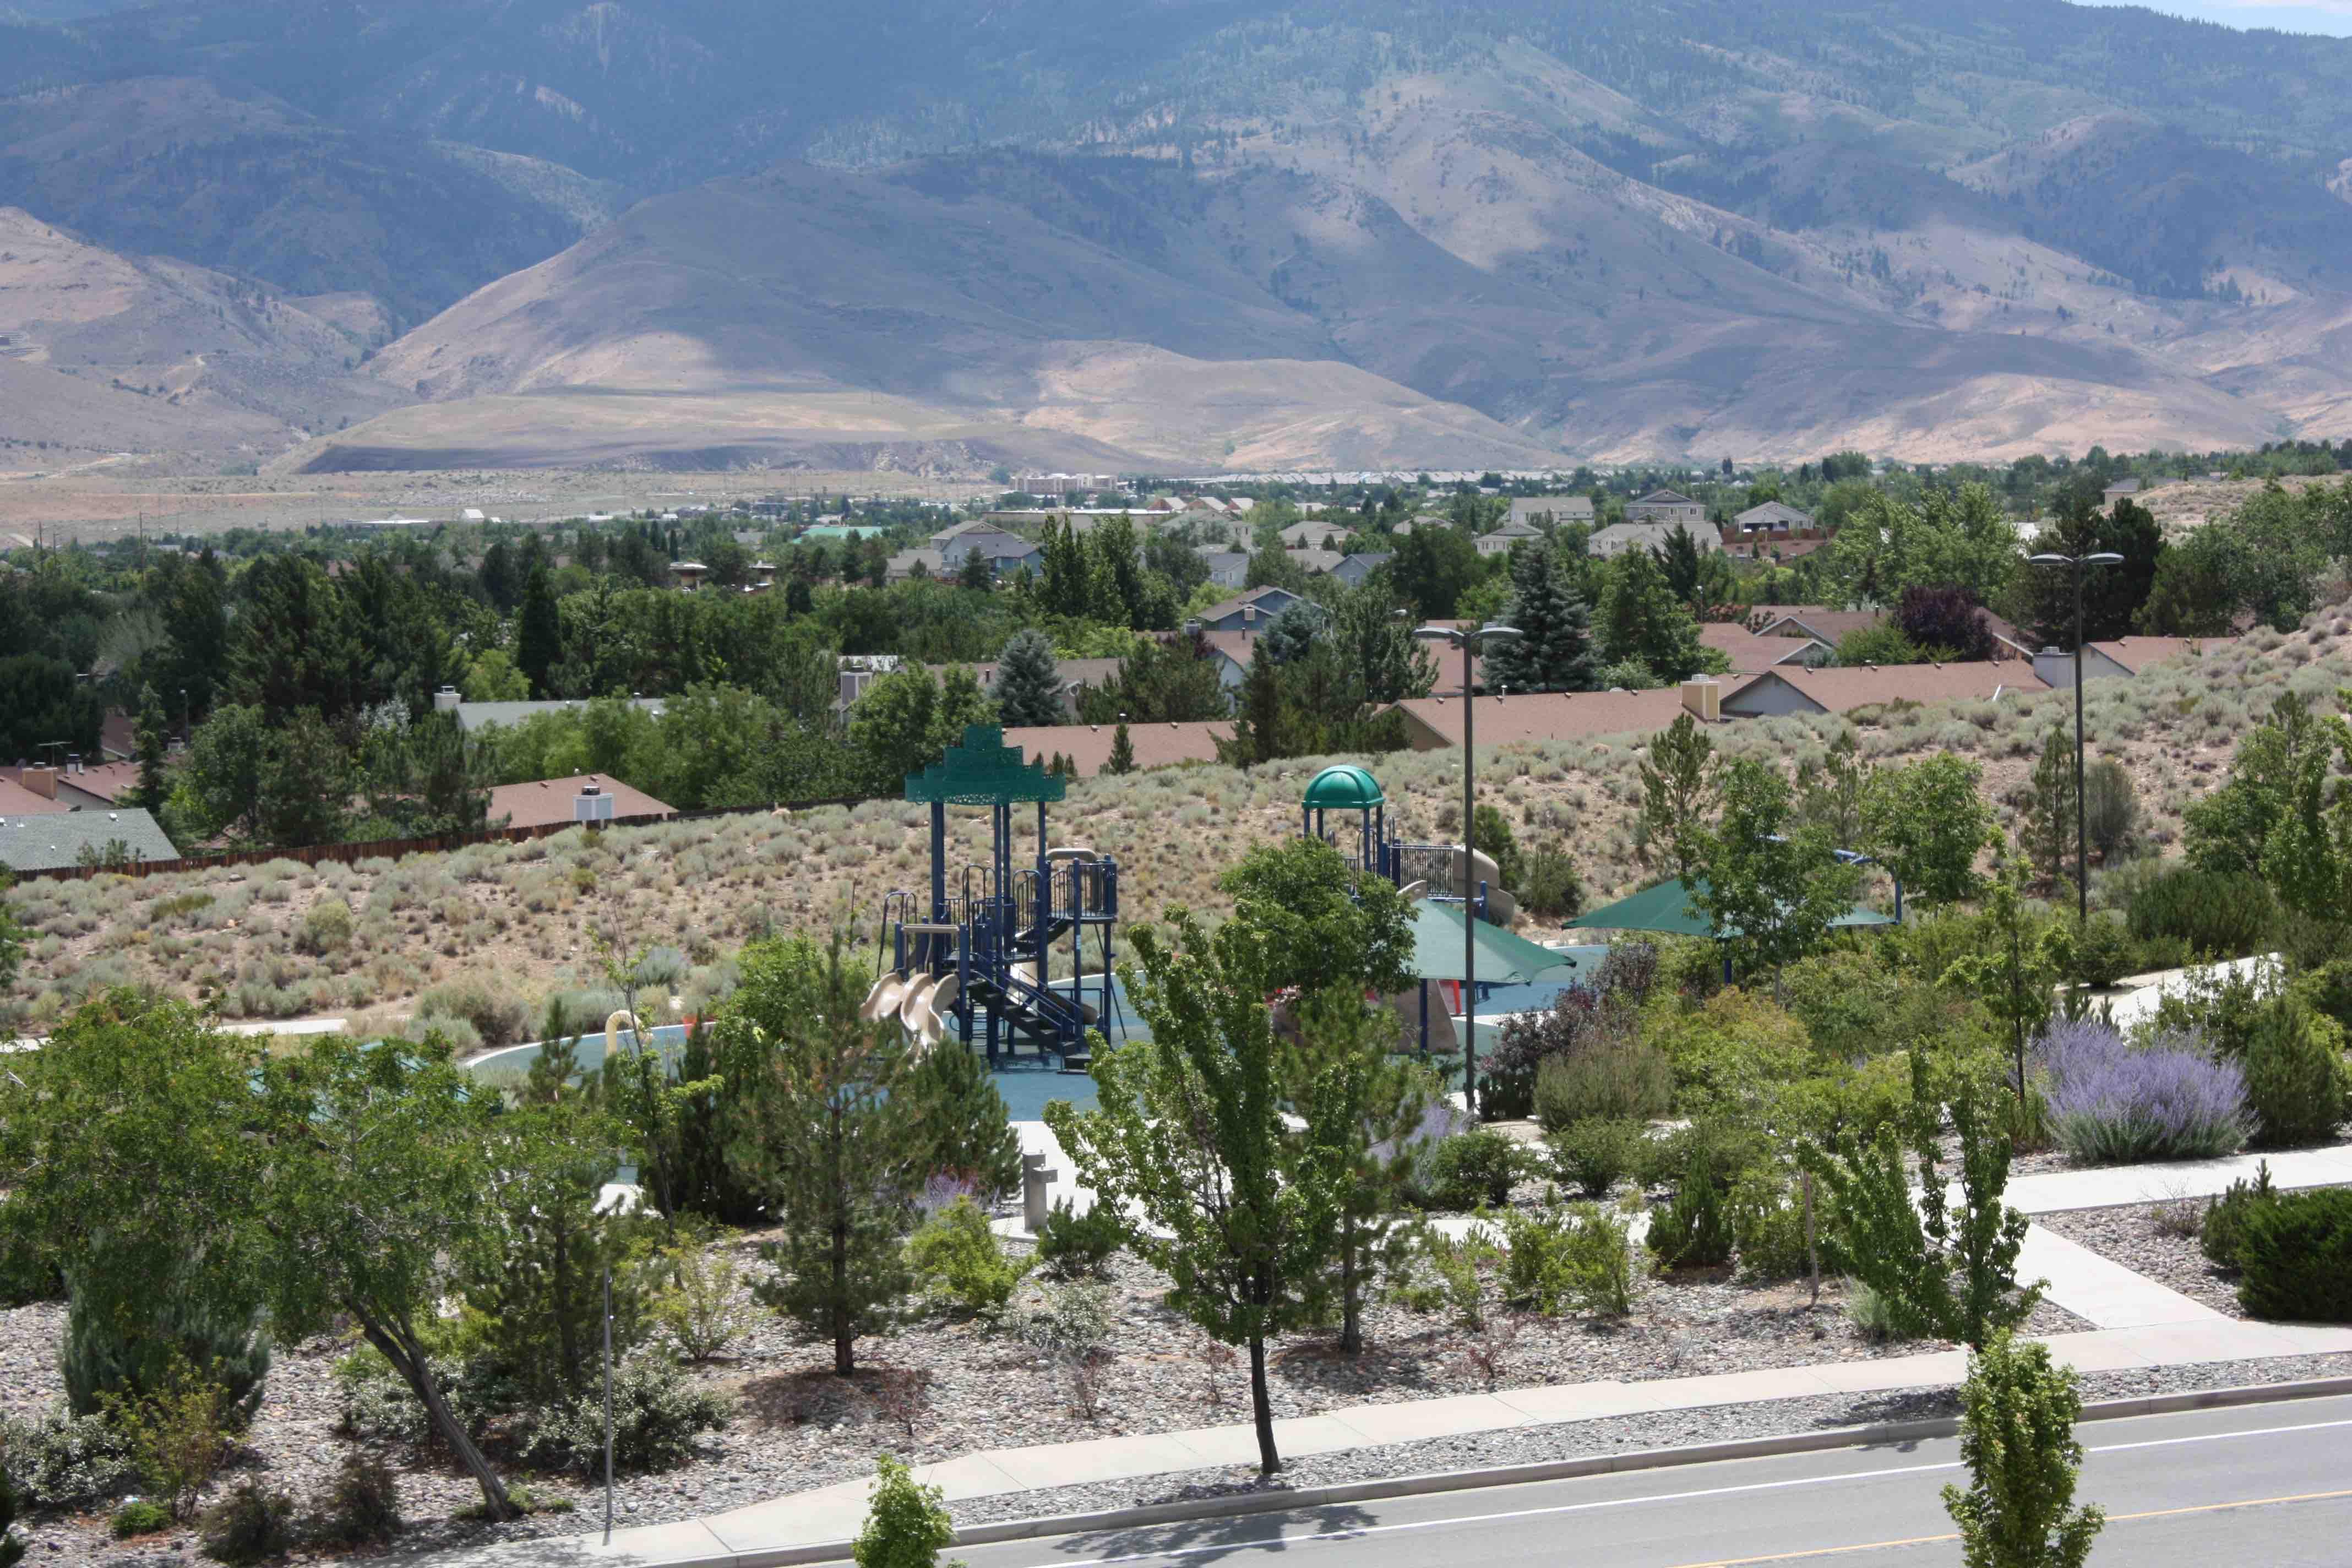 1 Las Brisas Site 1a Summer 2015 (low)